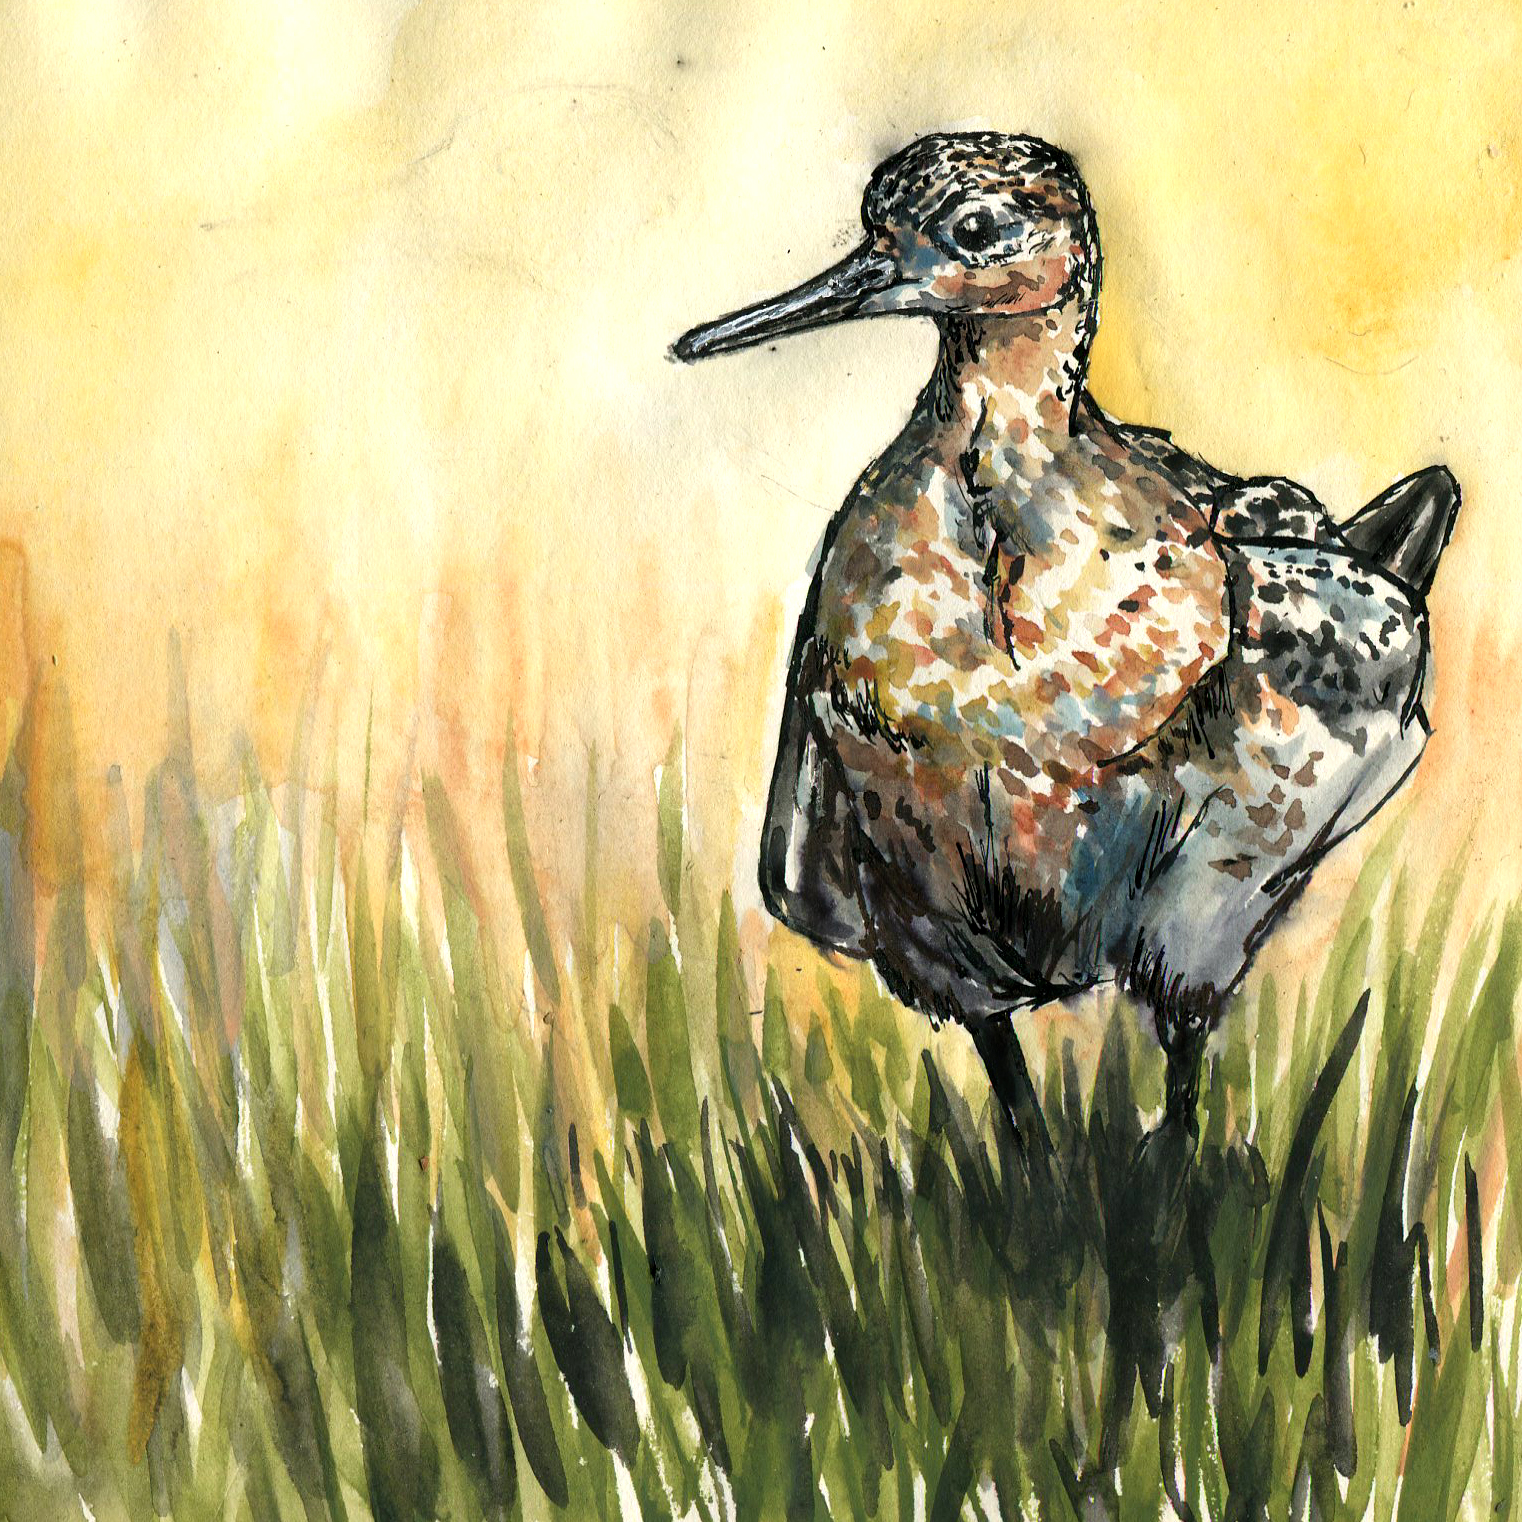 331. Buff-breasted Sandpiper